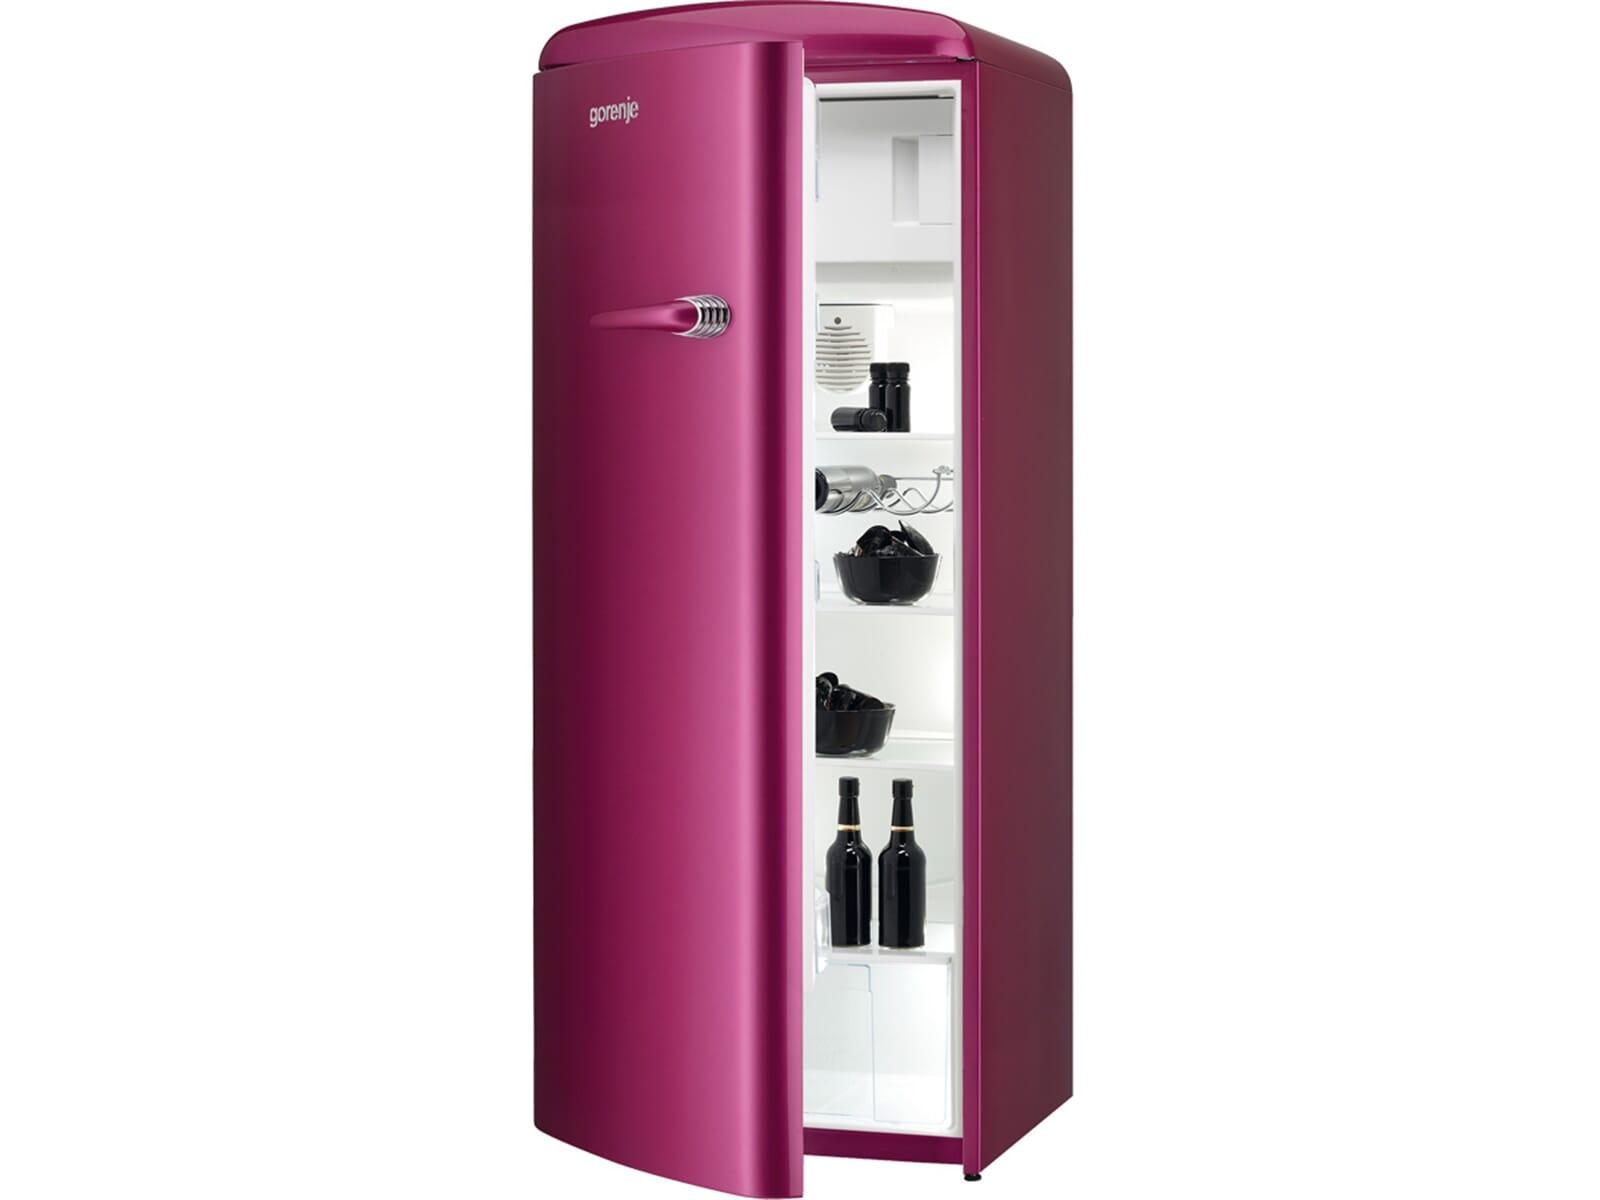 Kühlschrank Pink : Gorenje kühlschrank pink günstig kaufen geld sparen bei